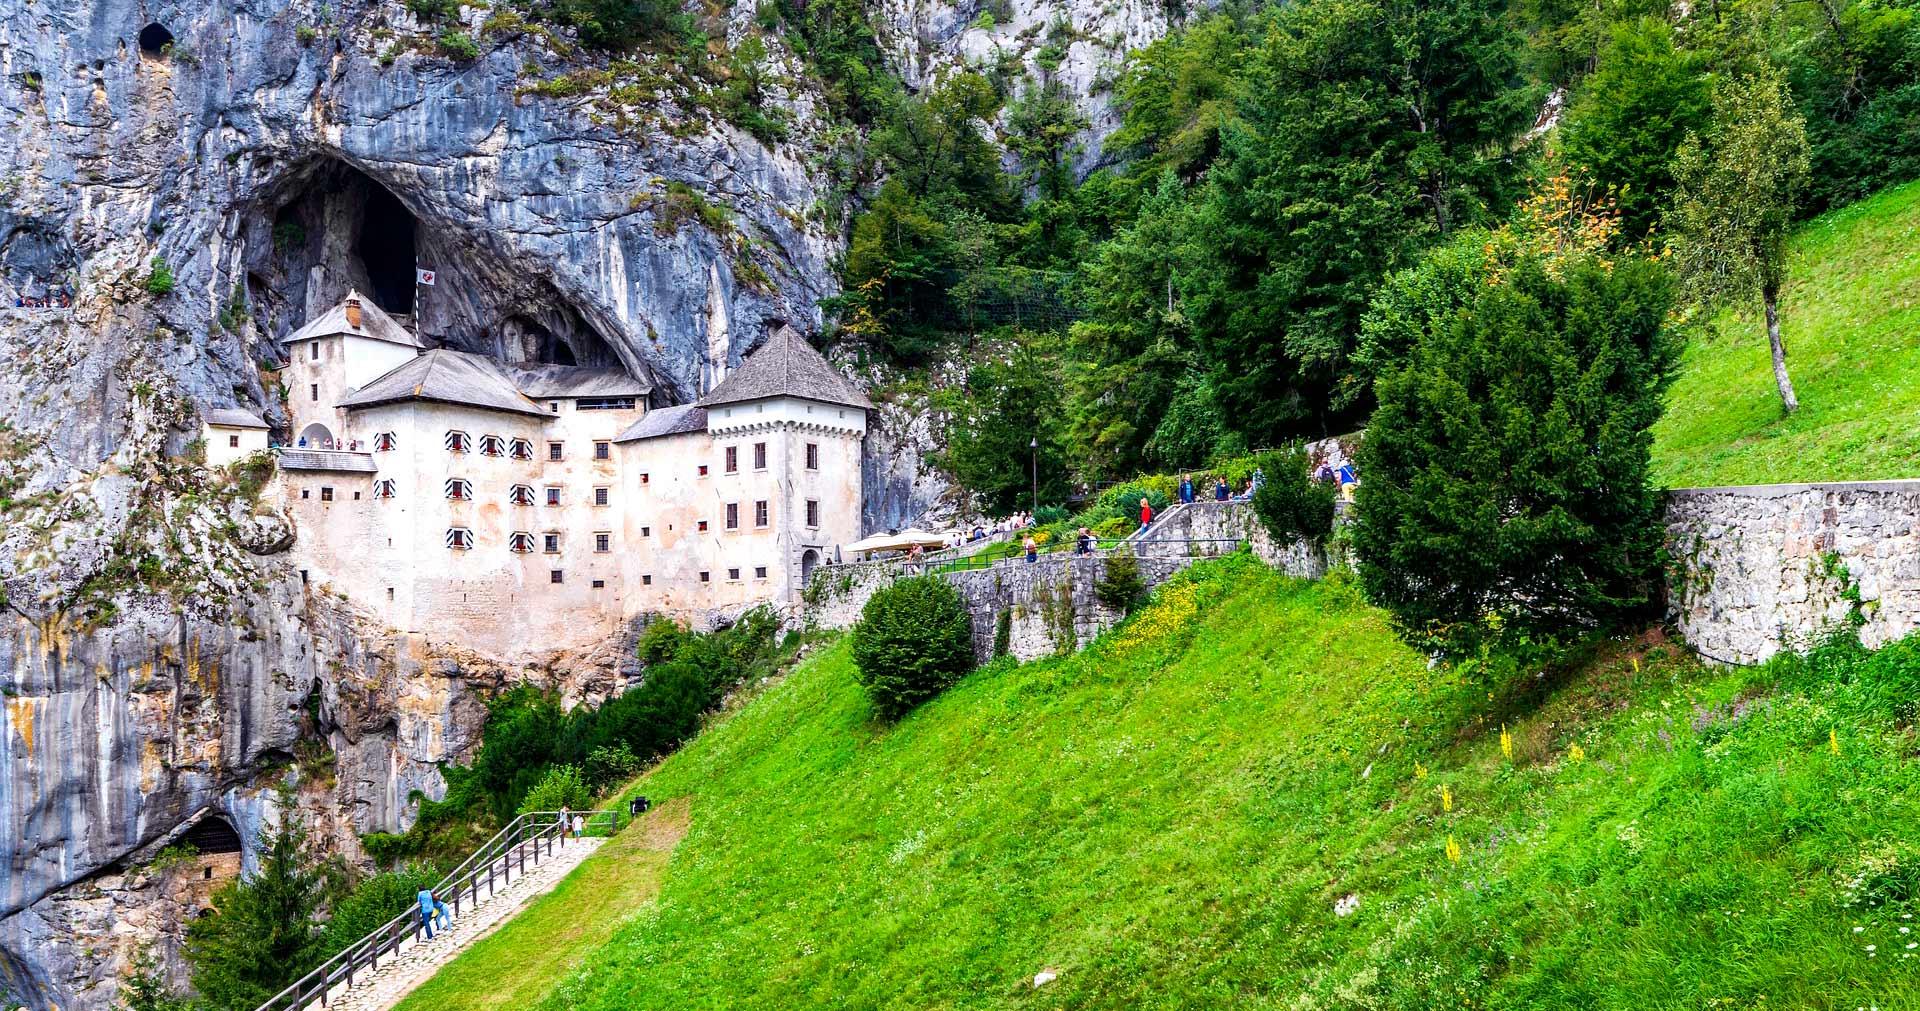 Predjama - un castillo medieval que cuelga de un precipicio en la entrada de una profunda cueva - Image by noz urbina from Pixabay